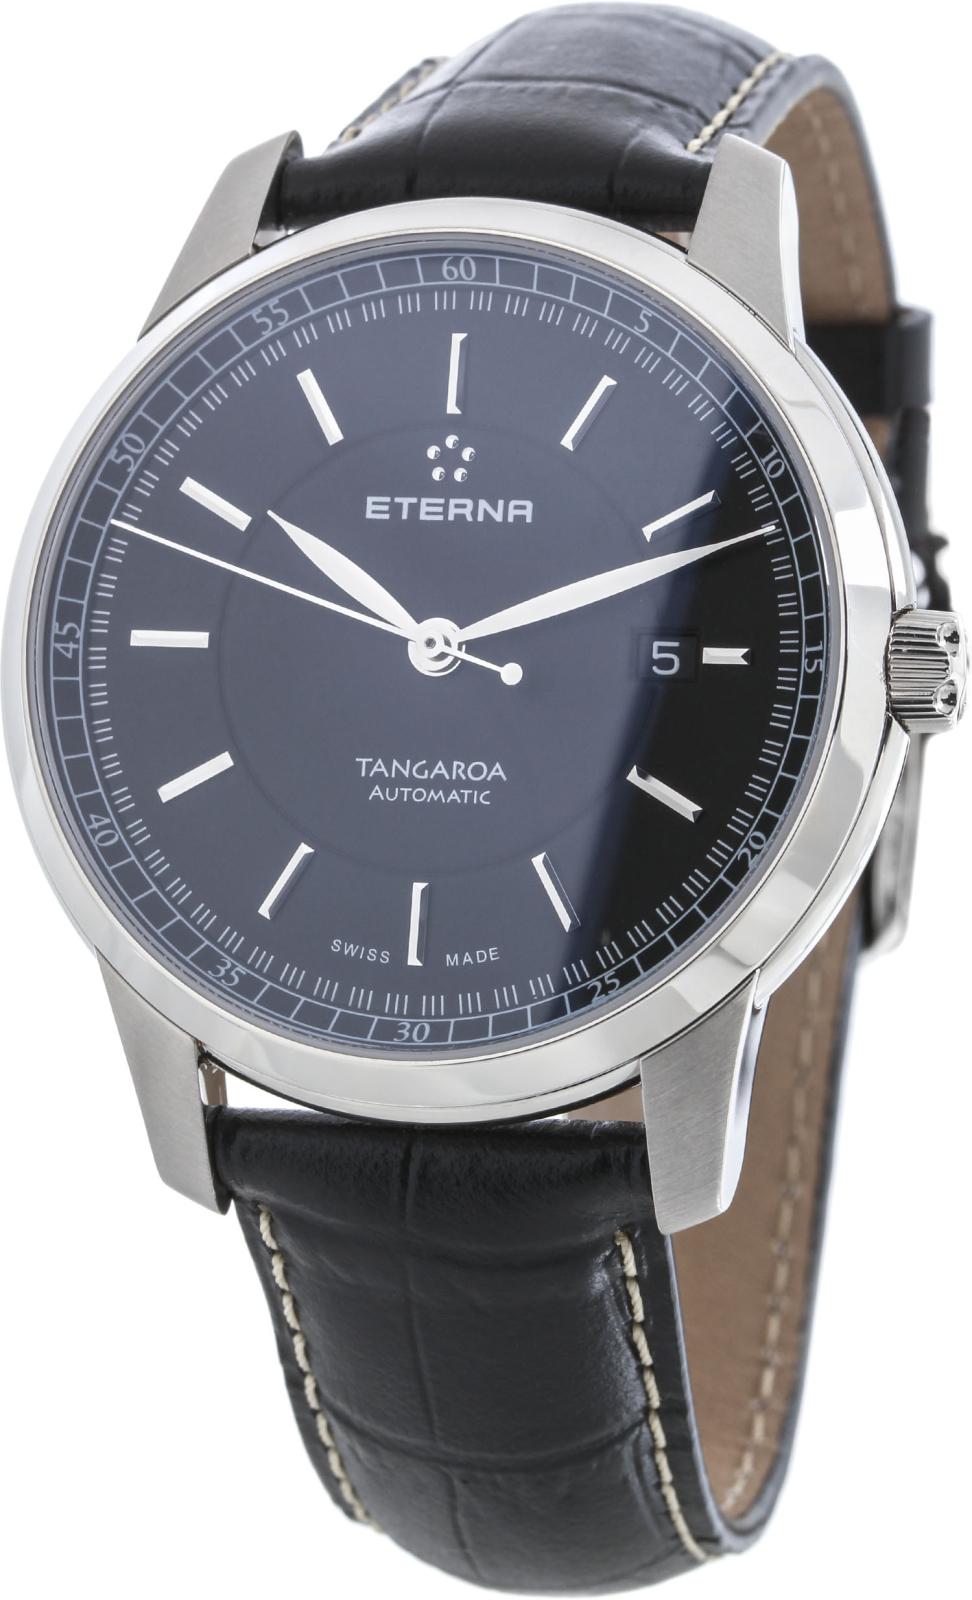 Eterna Tangaroa 2948.41.41.1261Наручные часы<br>Швейцарские часы Eterna Tangaroa 2948.41.41.1261Данная модель входит в коллекцию Tangaroa. Это настоящие мужские часы. Материал корпуса часов — сталь. В этой модели стоит сапфировое стекло. Часы этой модели обладают водозащитой 50 м.<br><br>Пол: Мужские<br>Страна-производитель: Швейцария<br>Механизм: Механический<br>Материал корпуса: Сталь<br>Материал ремня/браслета: Кожа<br>Водозащита, диапазон: 20 - 100 м<br>Стекло: Сапфировое<br>Толщина корпуса: None<br>Стиль: None